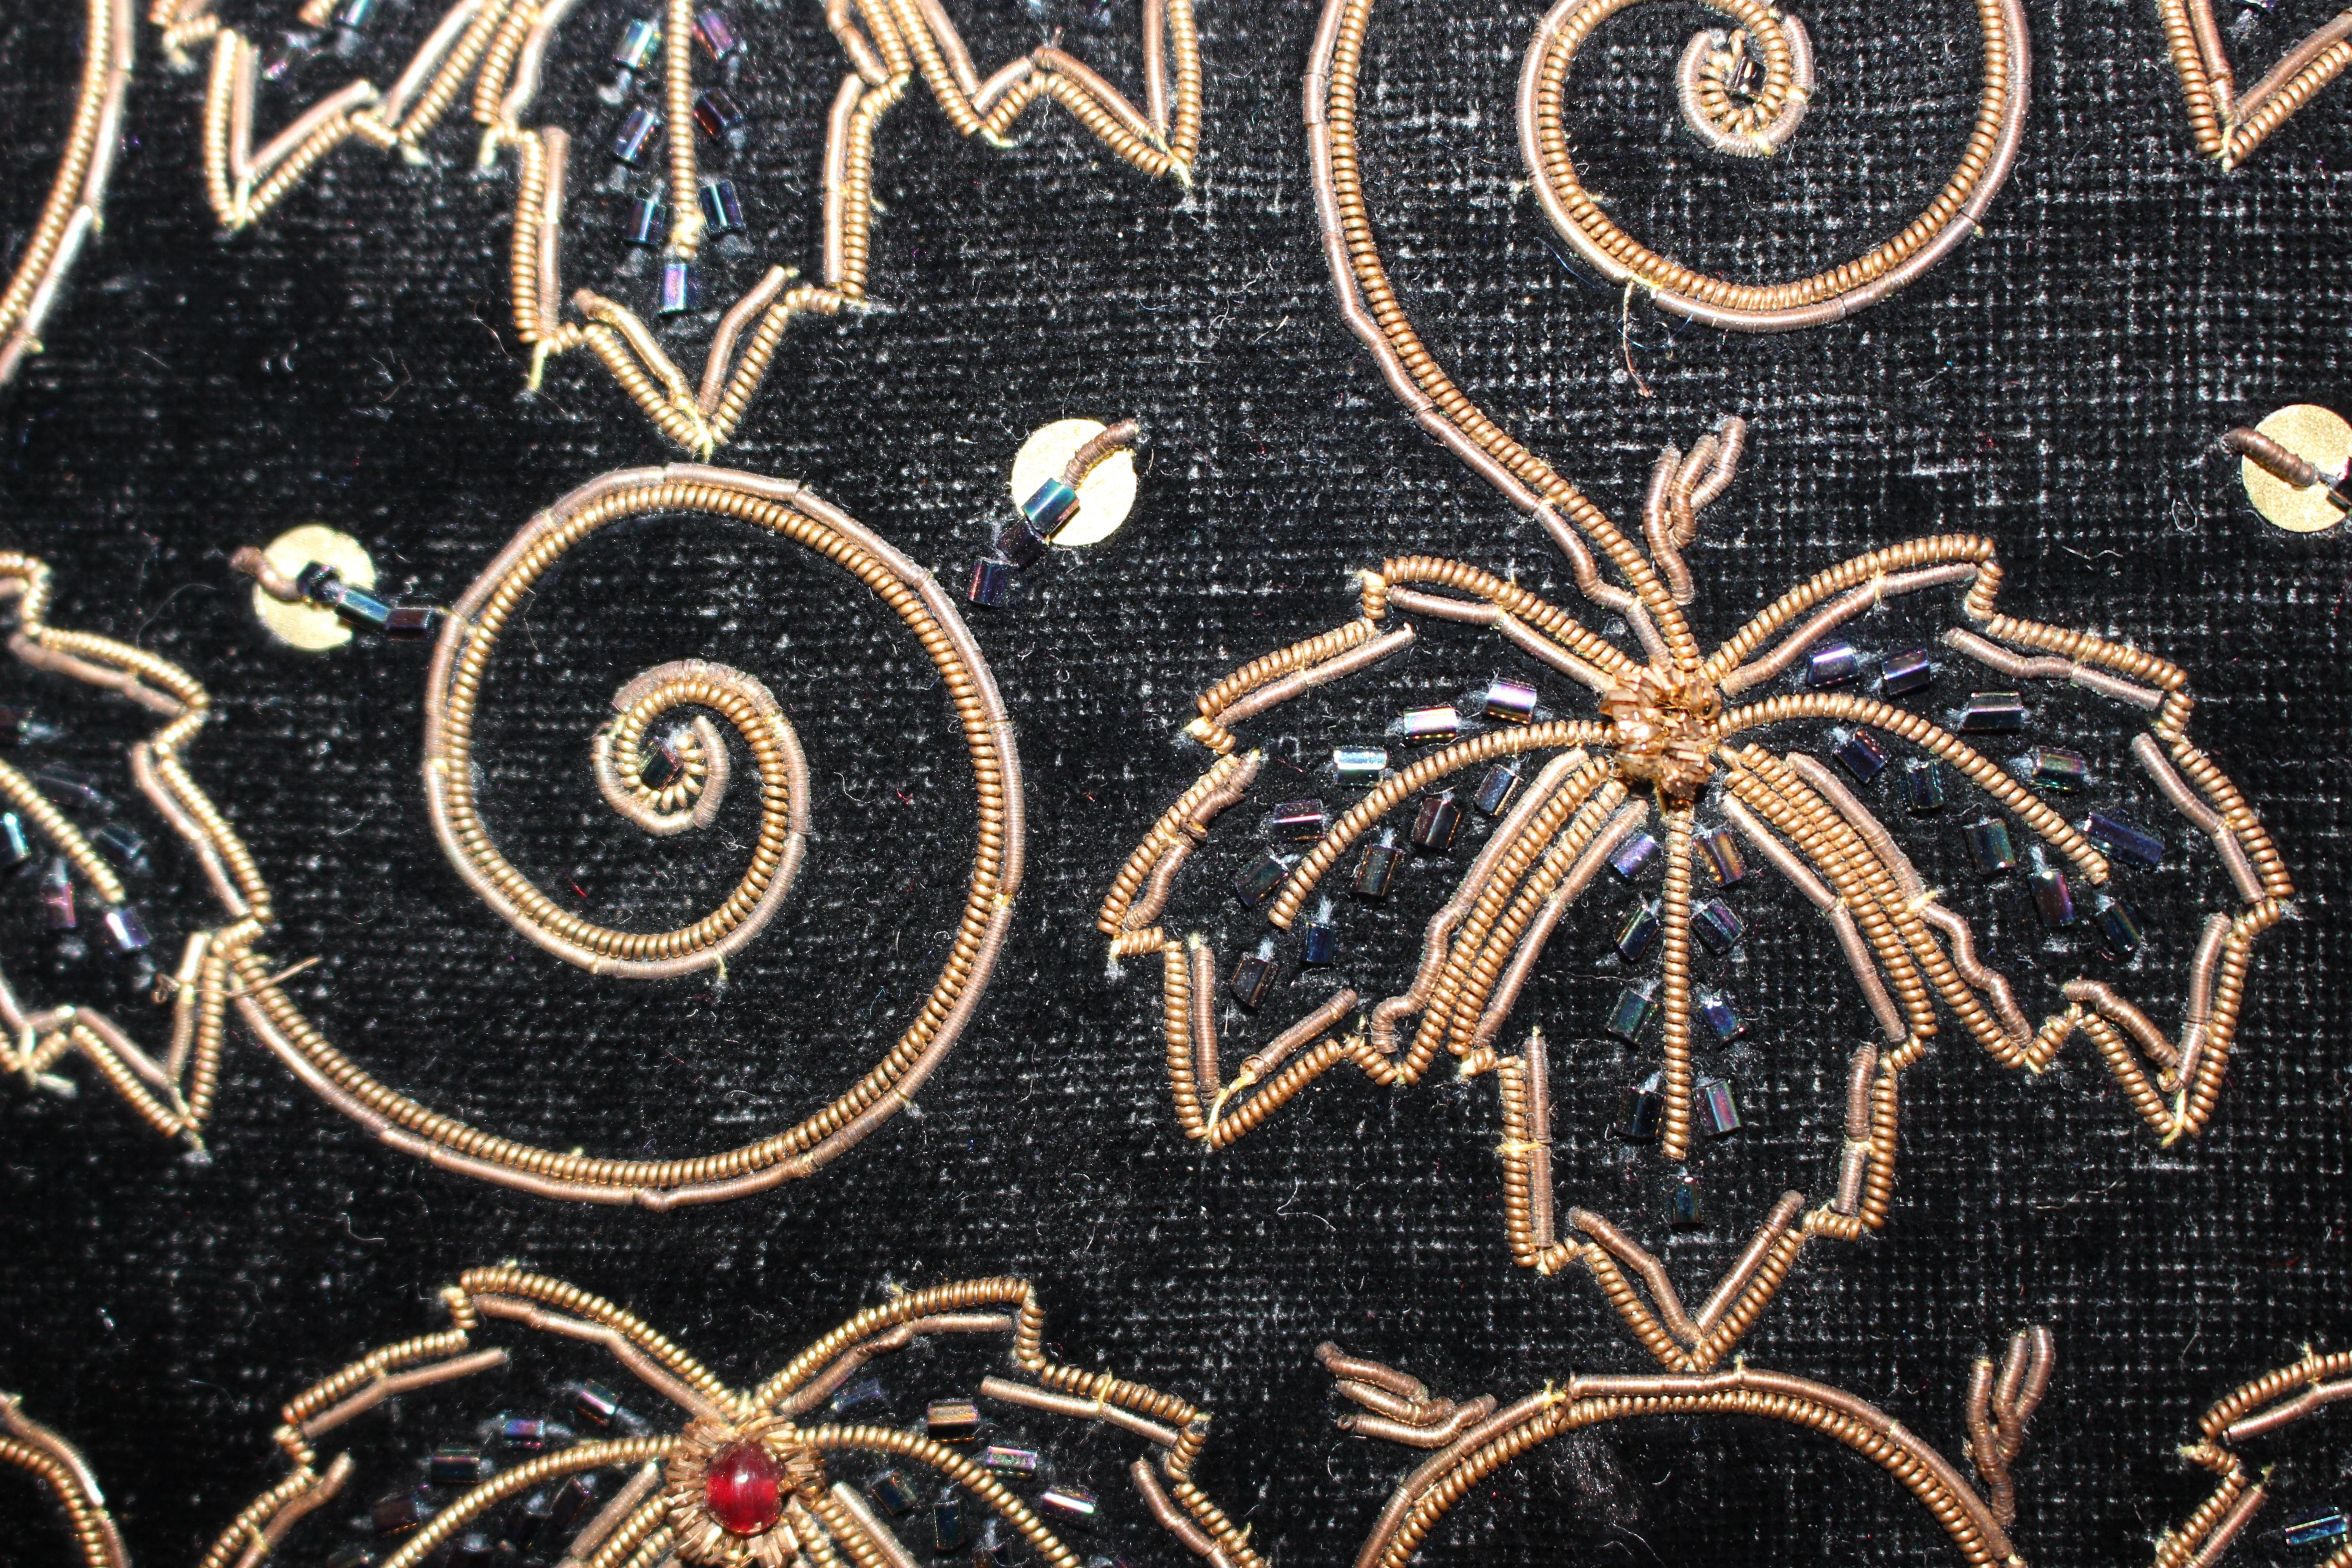 Velvet evening bag, from Unicorn, 5 Ship Street, Oxford